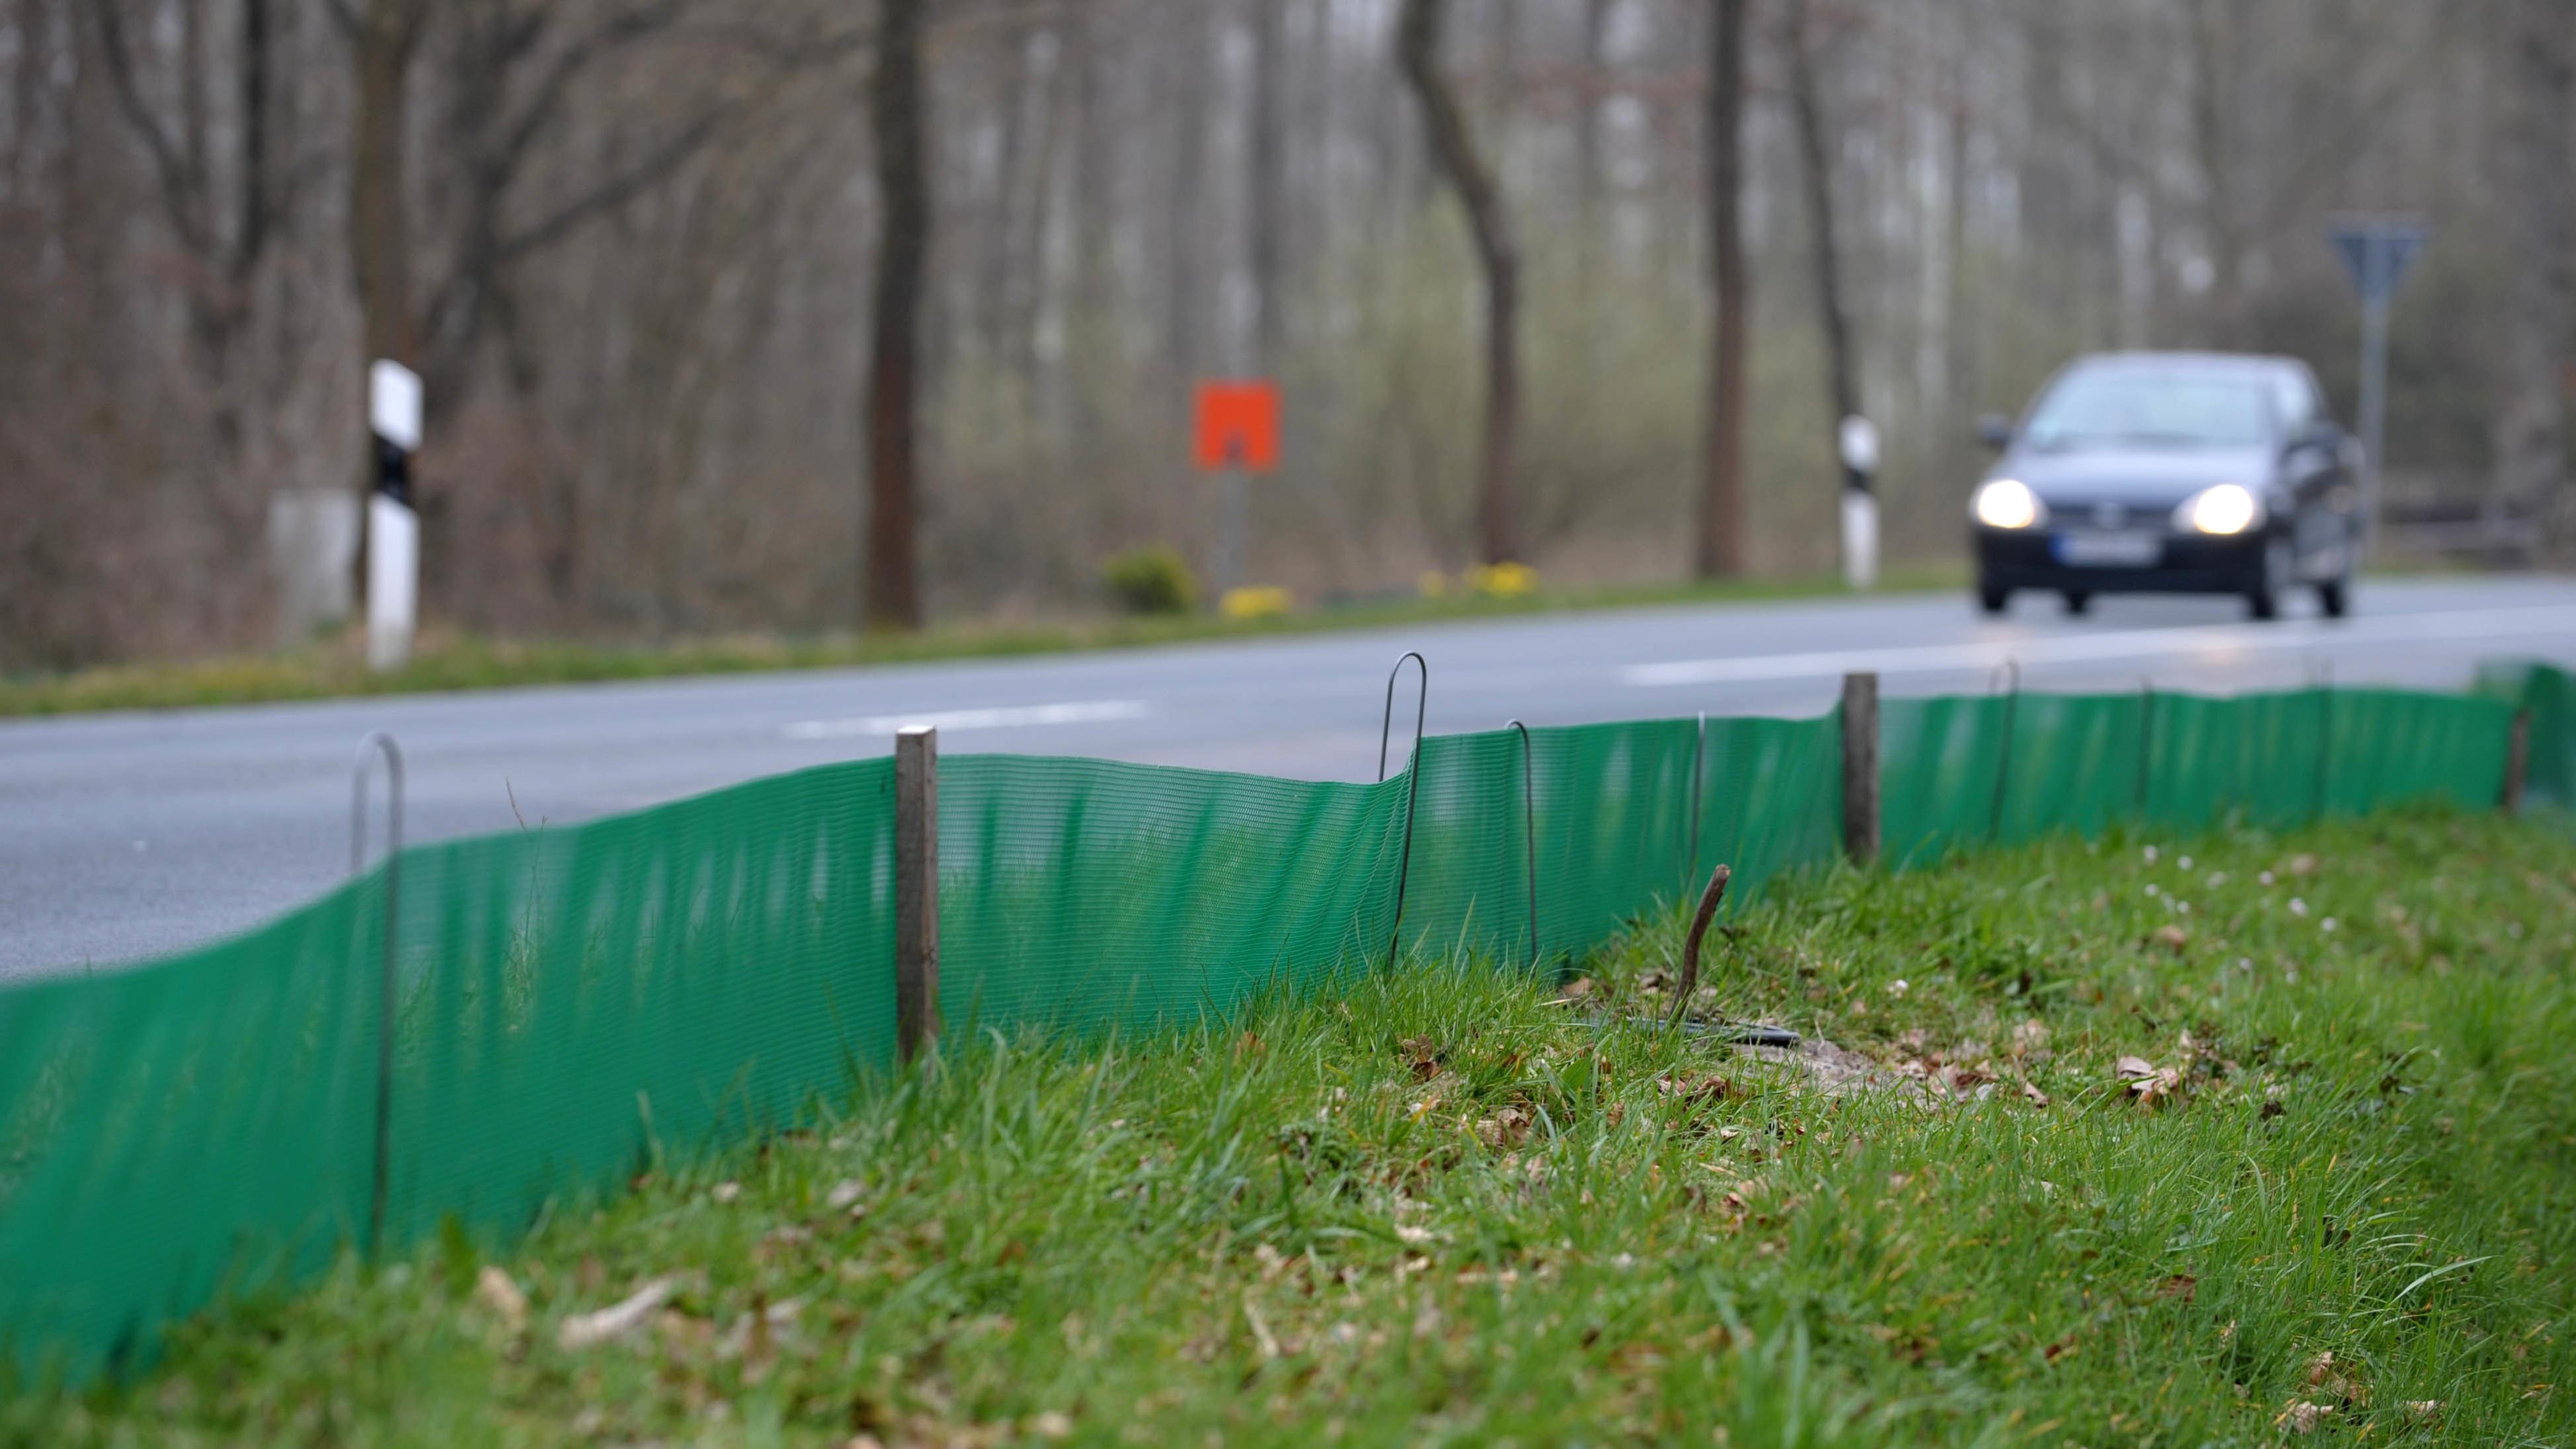 Ein Schutzzaun neben einer Landstraße - damit sollen Kröten, Frösche und Molche geschützt werden.